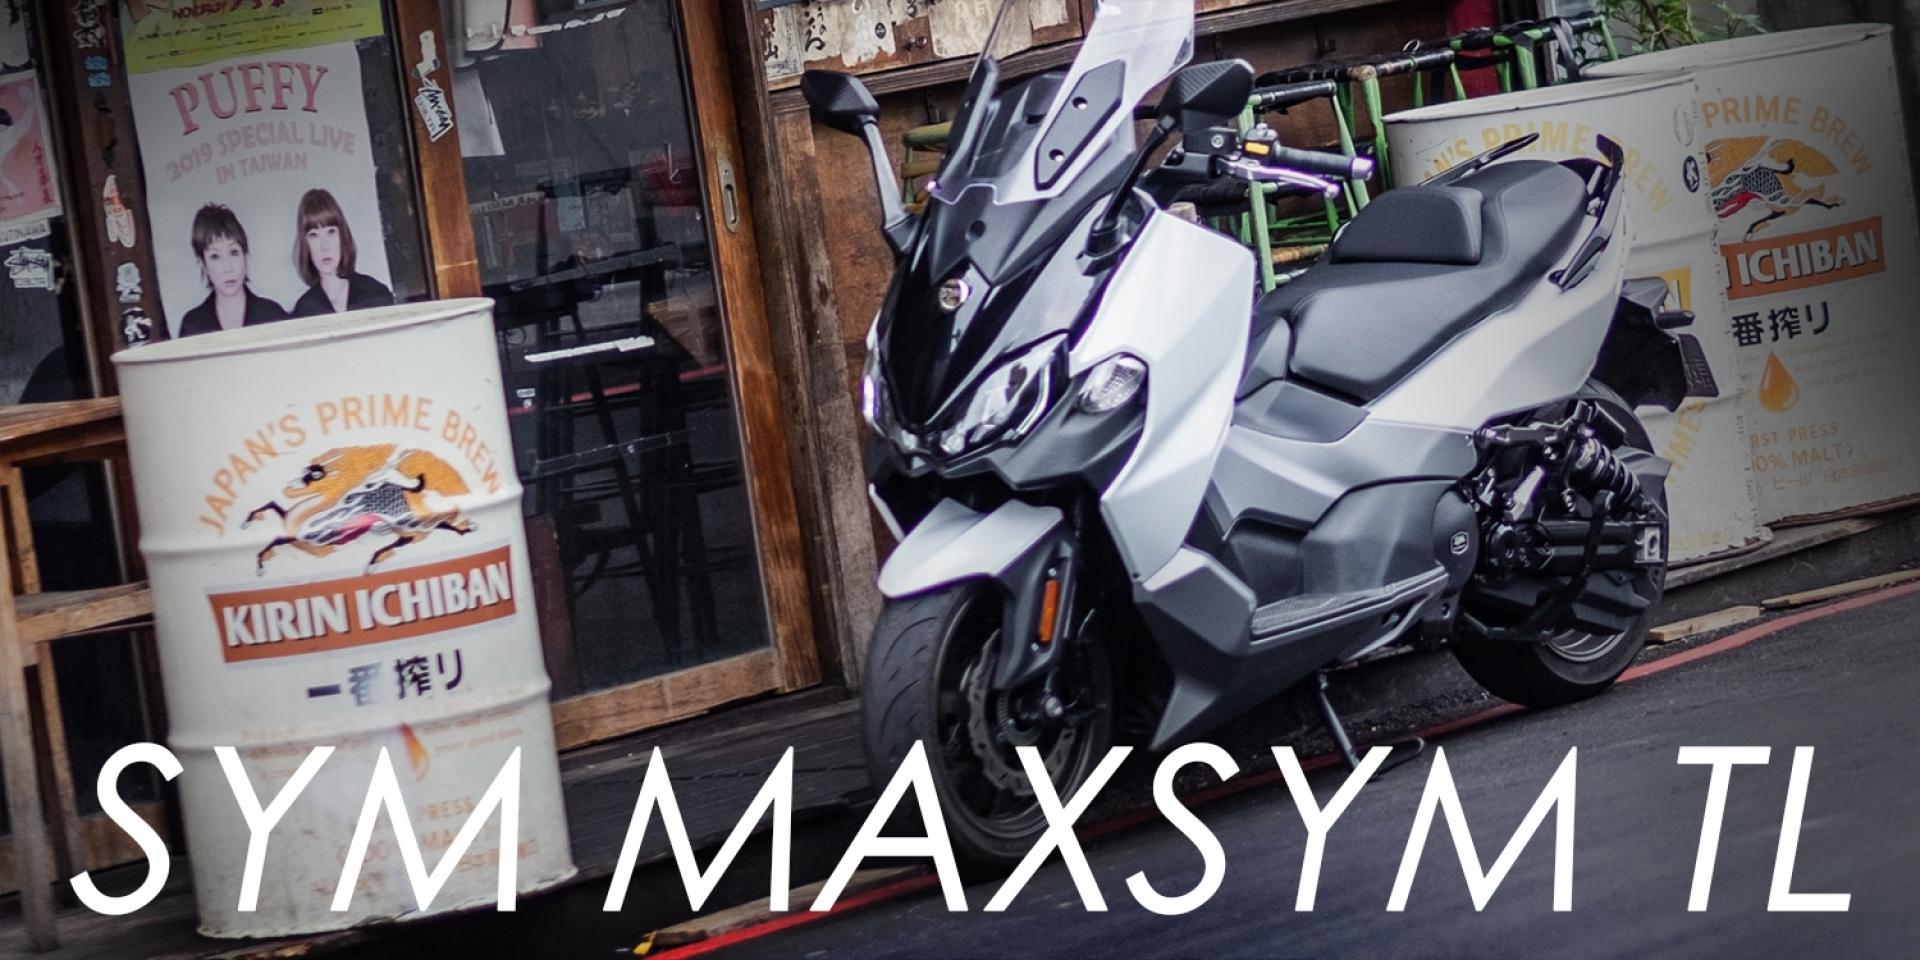 黃牌雙缸跑旅羊。SYM Maxsym TL 長途試駕深度評測!